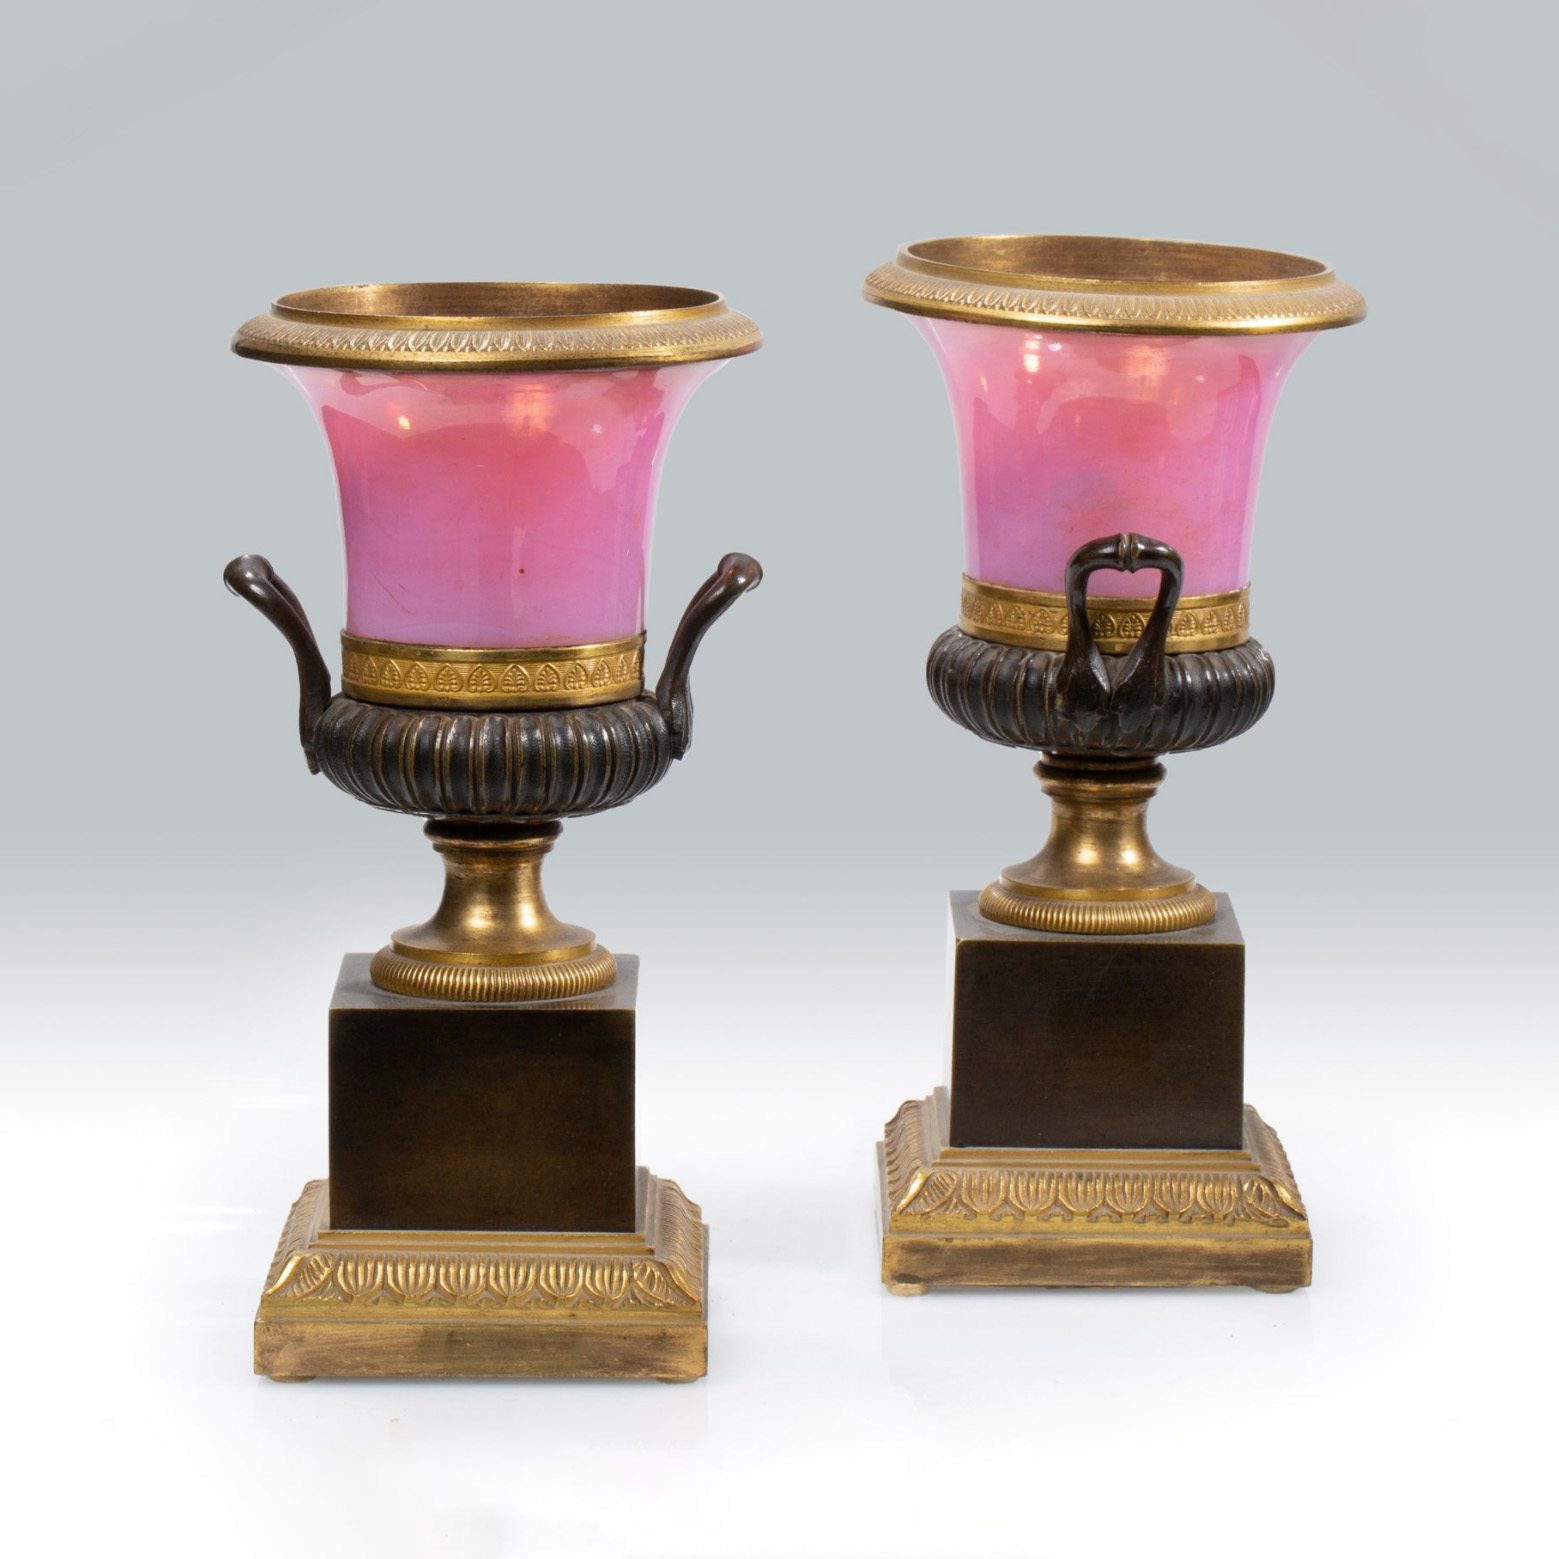 7656€ Paire de vases Médicis en opaline gorge-de-pigeon et bronze doré et patiné,époque Restauration, h.19,5cm.Paris, Drouot, 29janvi